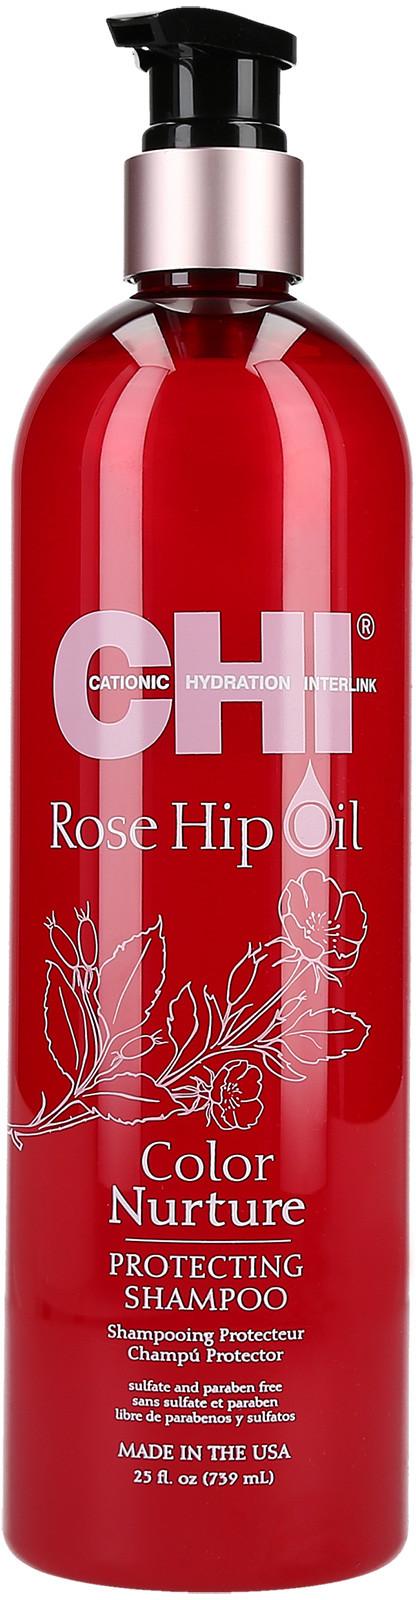 Farouk CHI ROSE HIP OIL Szampon ochronny do włosów farbowanych 700ml 0000048773